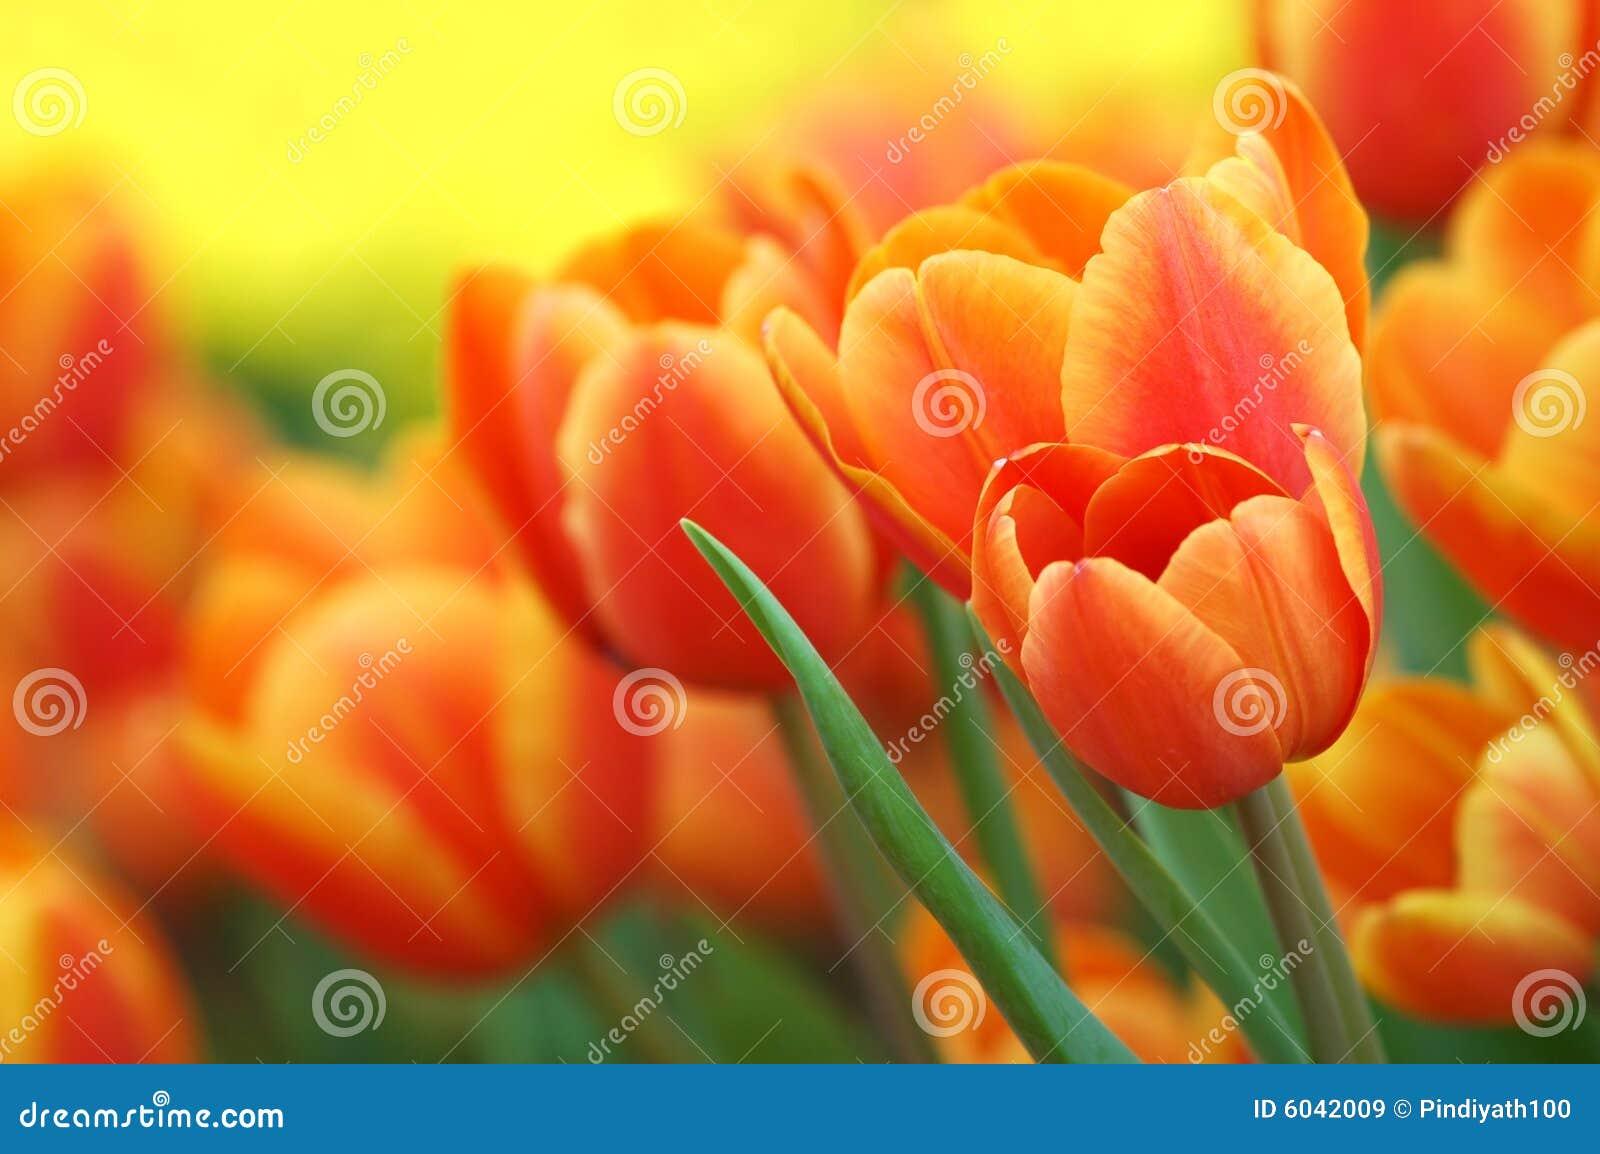 Tulips alaranjados no jardim